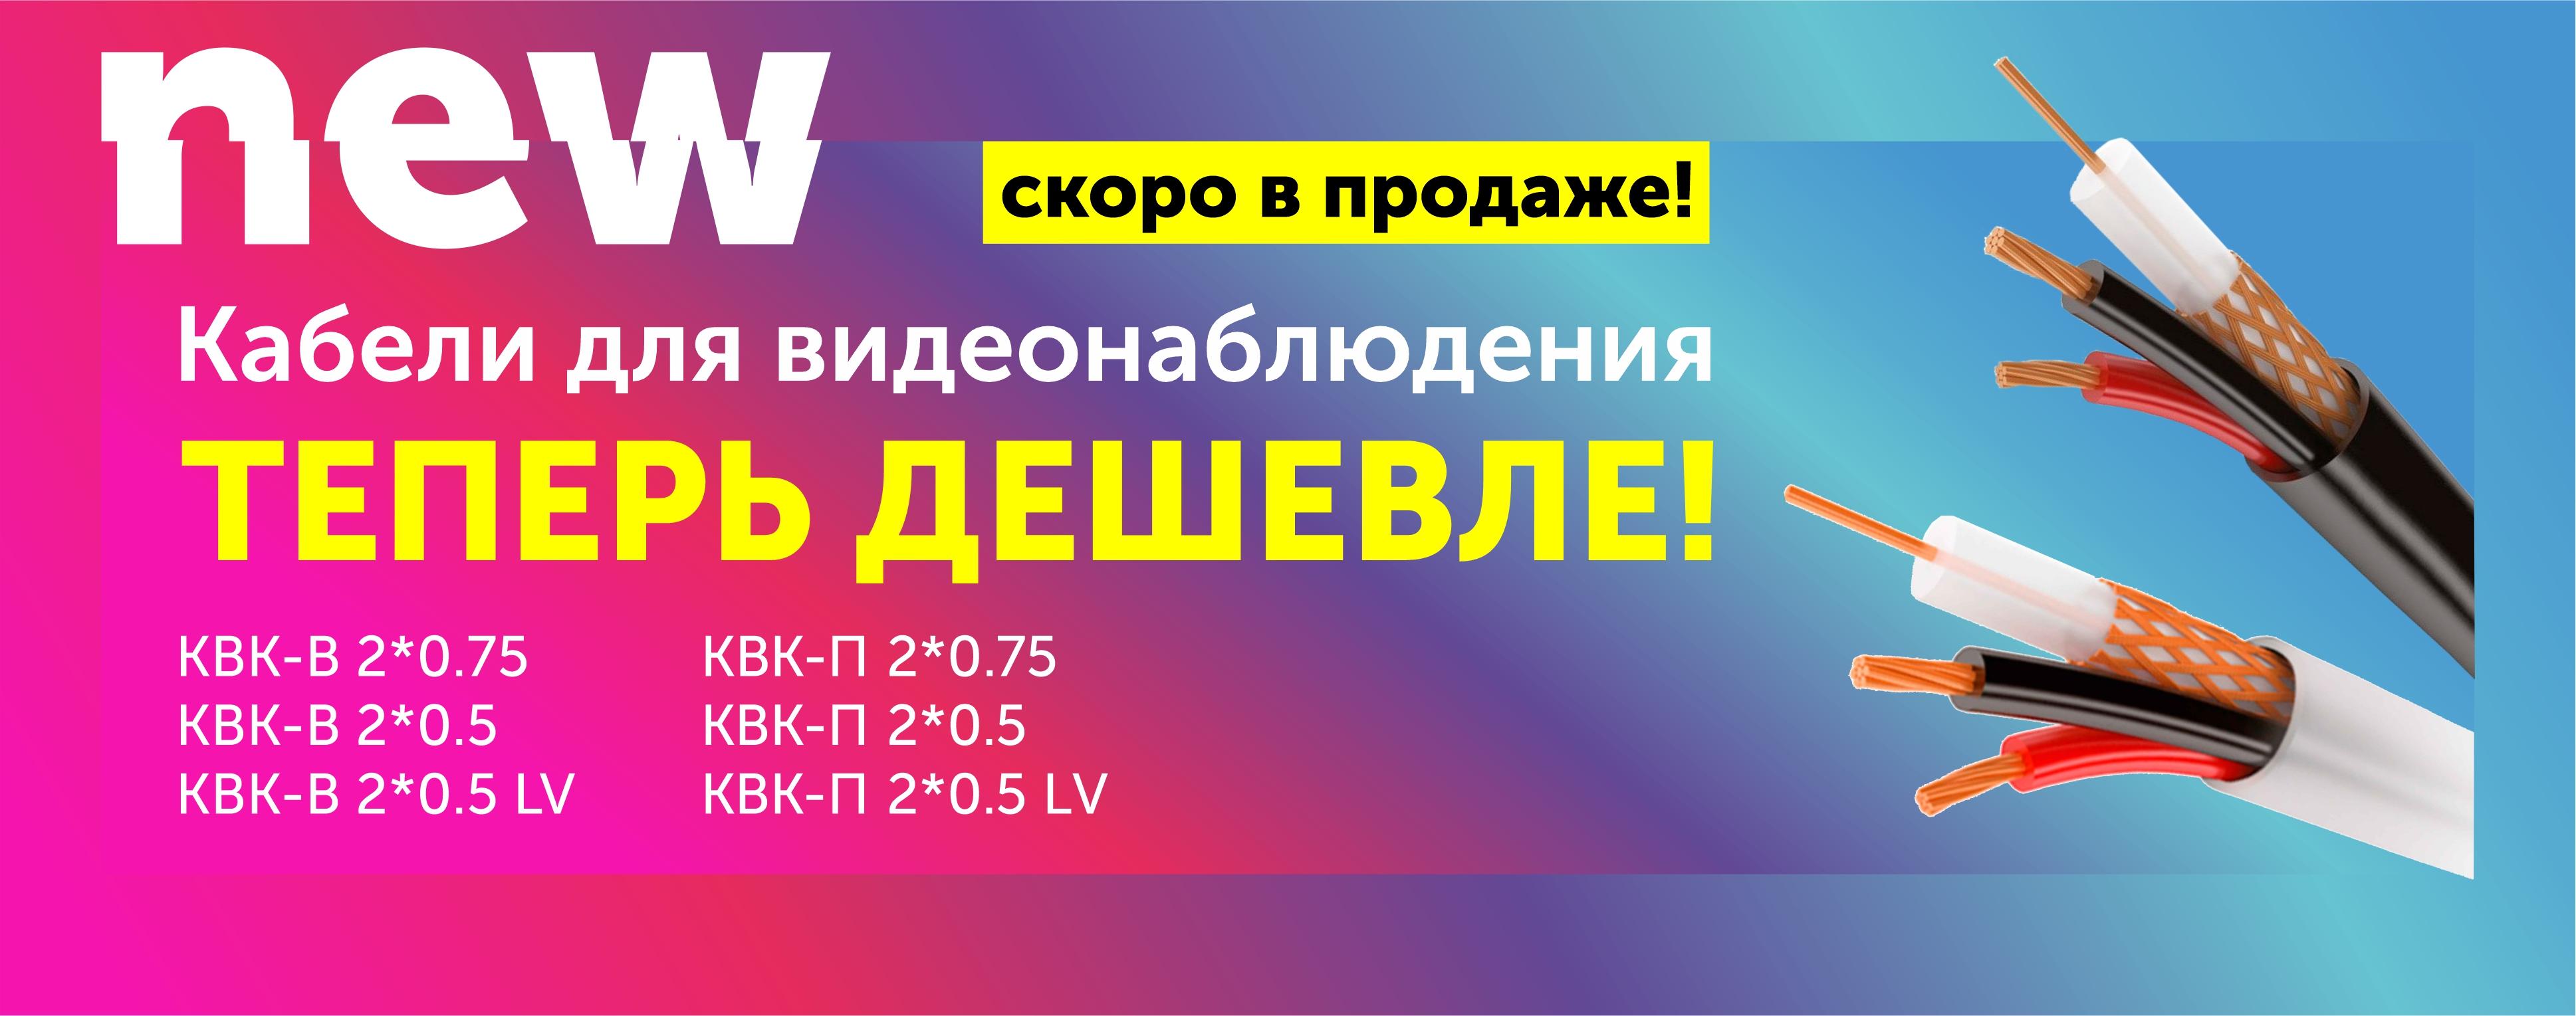 kabeli_dlya_rassylki